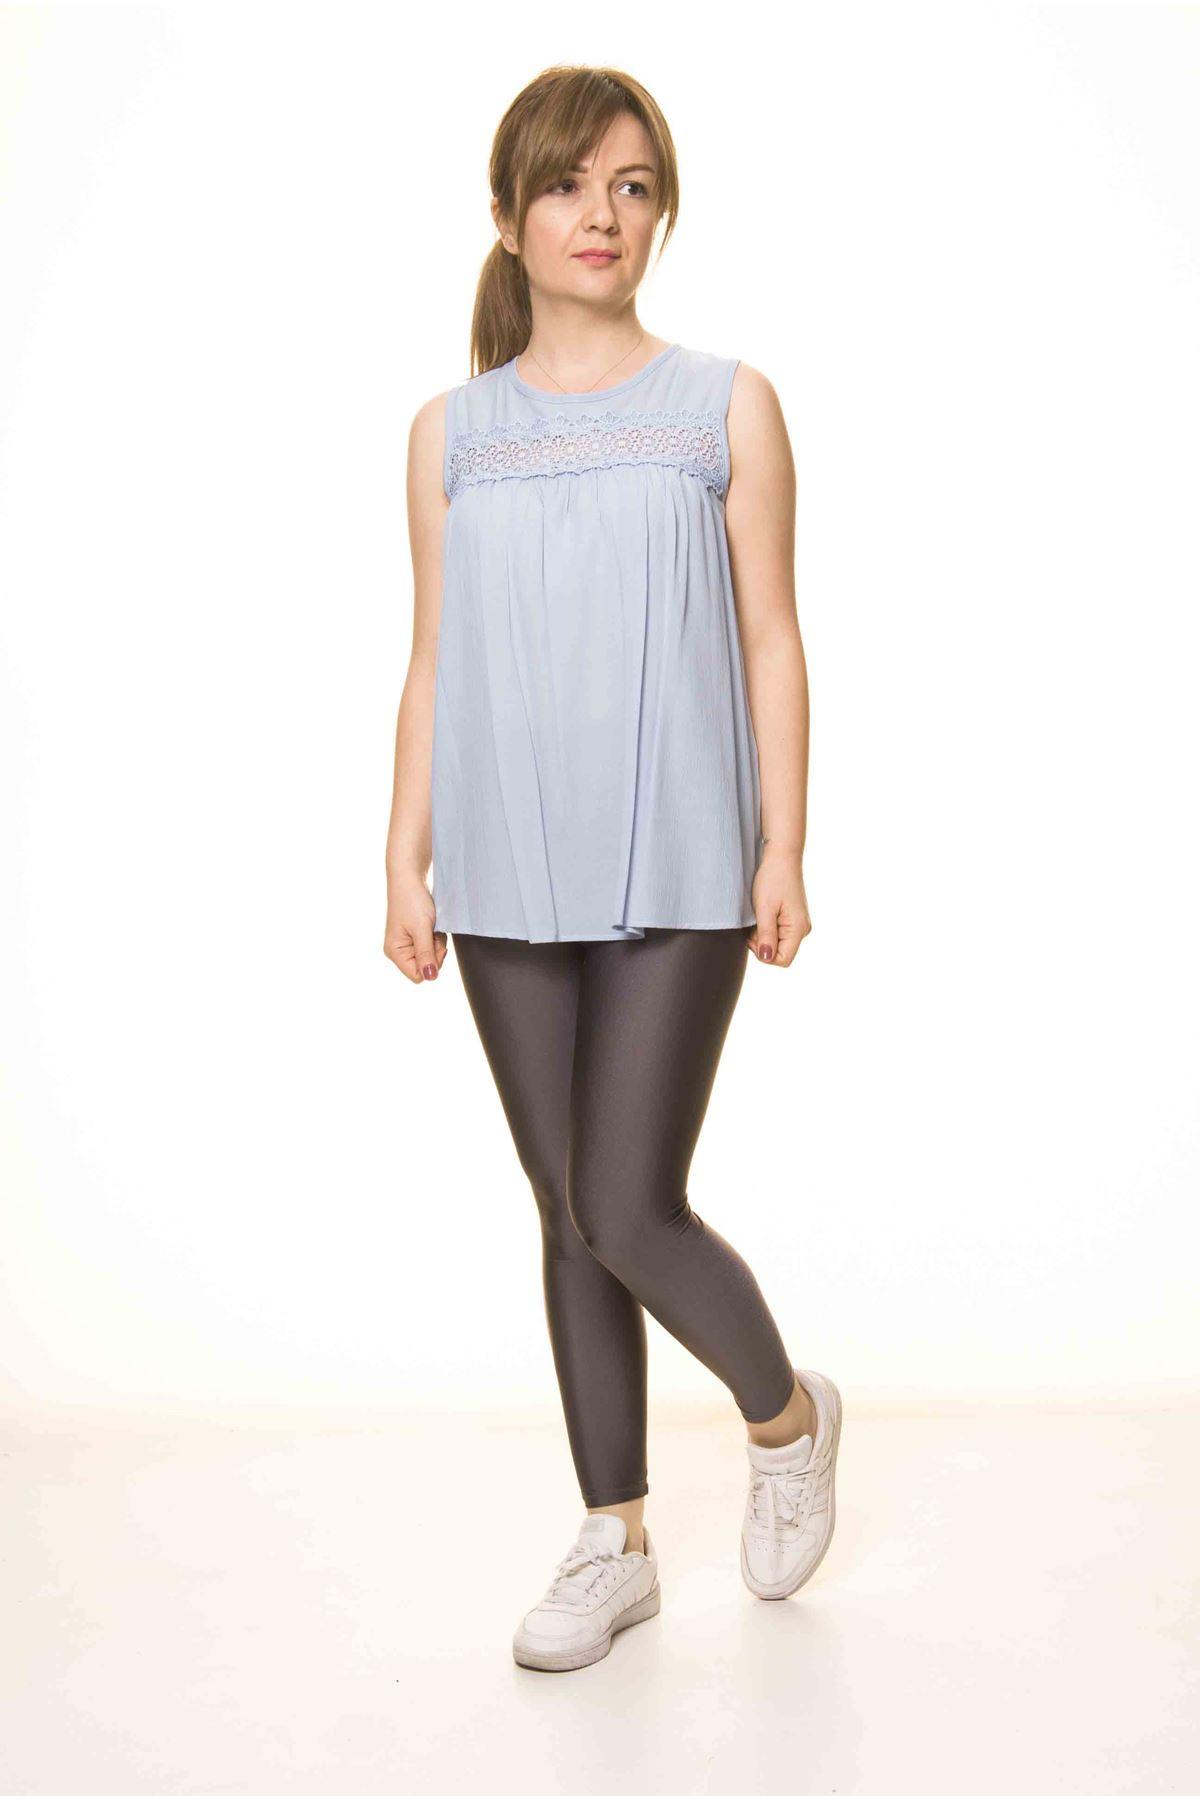 Kadın Bebe Mavi Dantelli Salaş Bluz 14D-3068-1